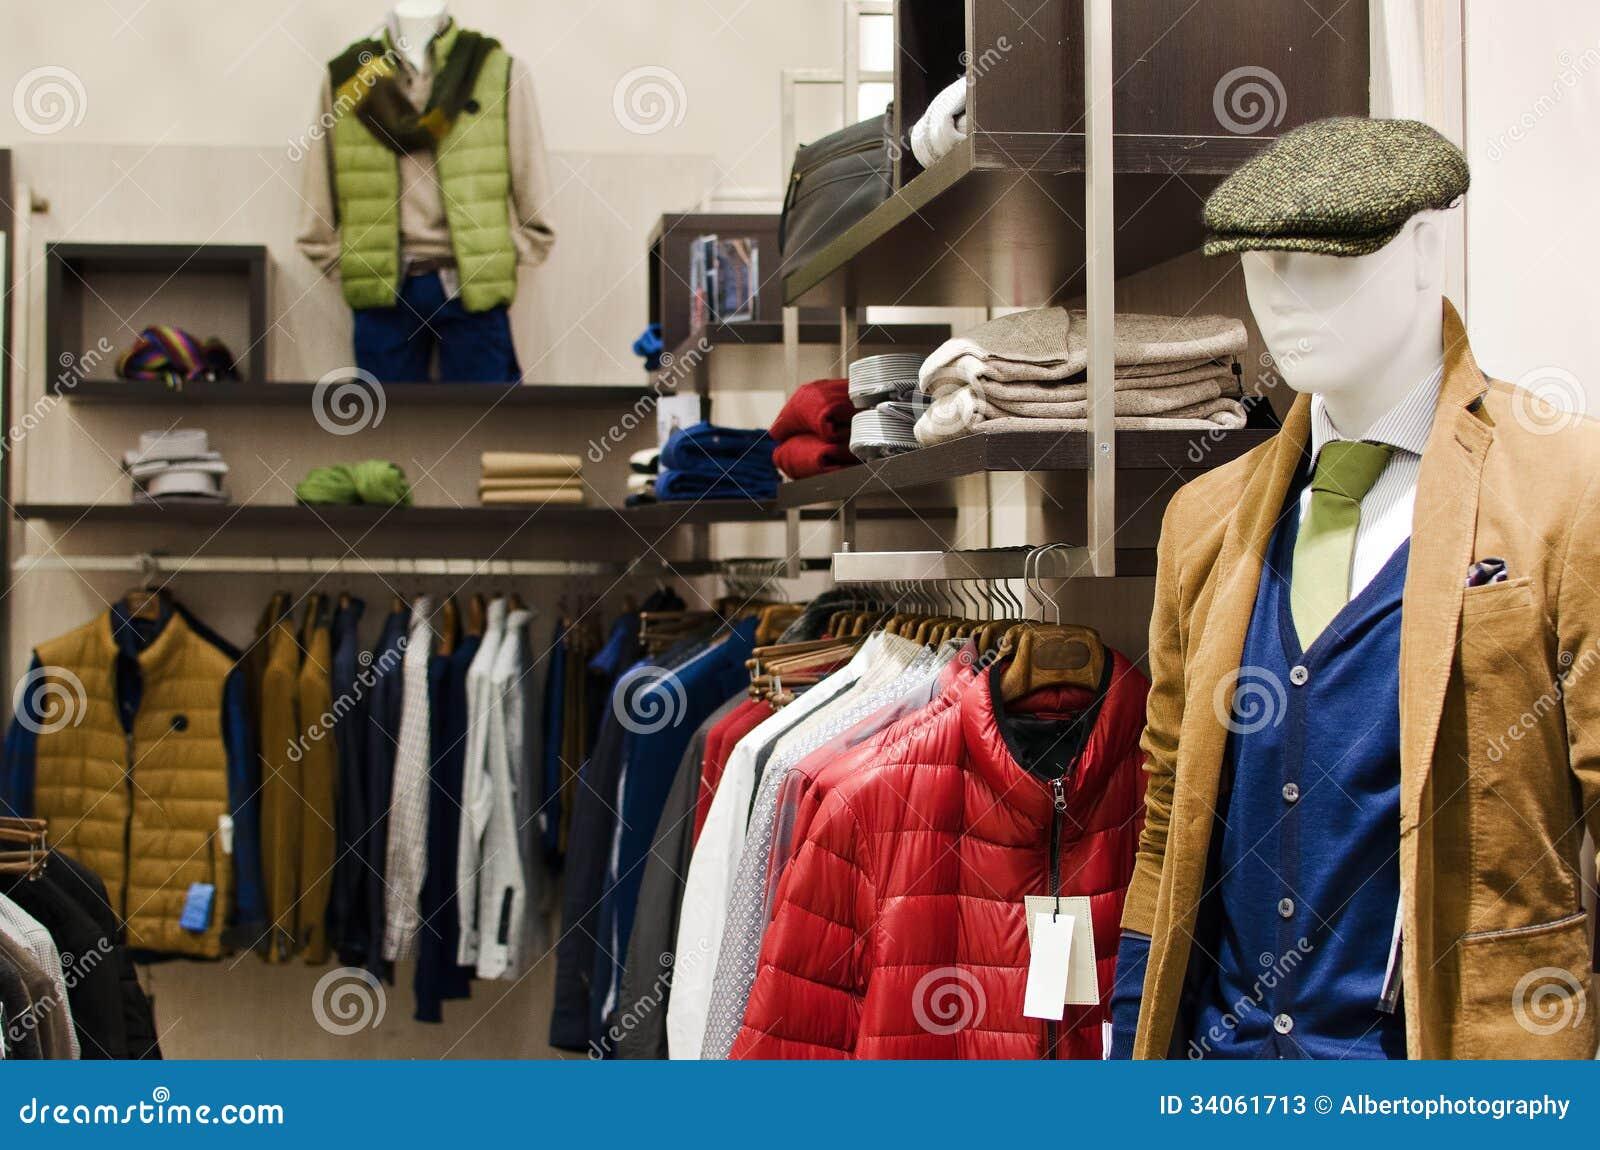 Nueva Colección Otoño-Invierno | Trajes para hombre Pedro del Hierro. Entra y descubre nuestra colección de chaquetas y pantalones para su traje, para cualquier momento y ocasión. ¡Tu ropa de hombre online! USO DE COOKIES. Otras tiendas de Tendam: Cortefiel; Springfield;.